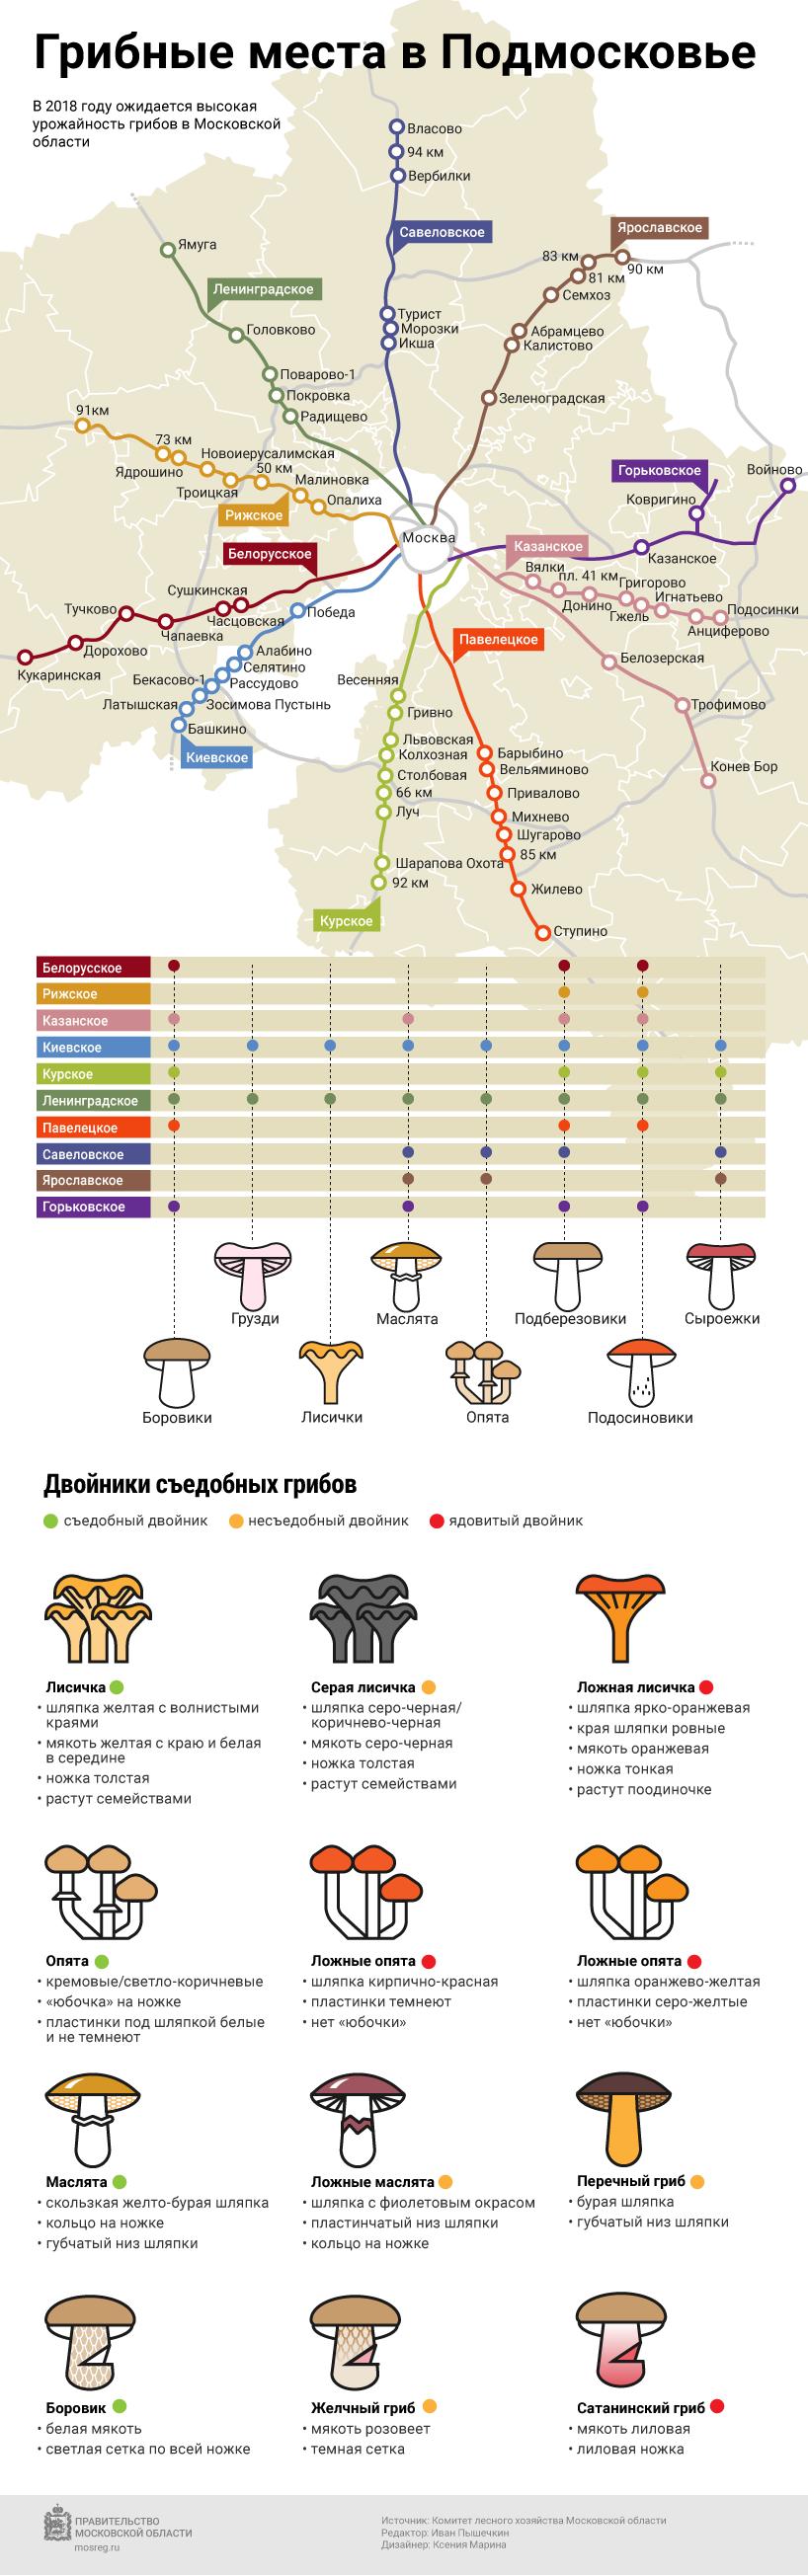 Белые грибы в подмосковье: где собирать и где растут в 2020